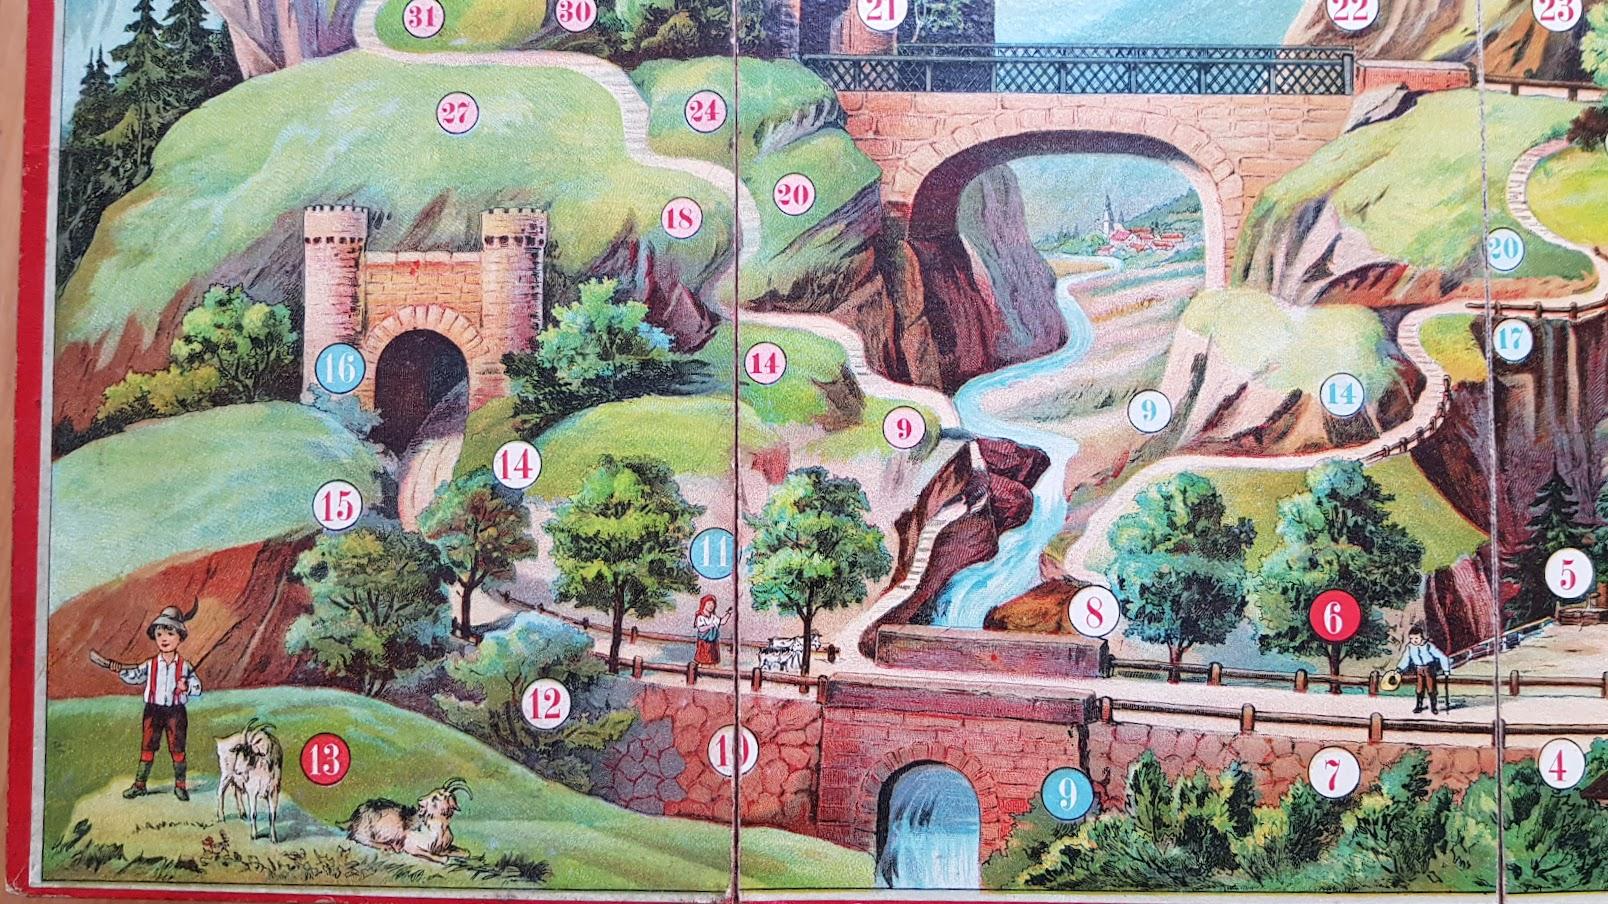 Wanderung zur Burg Drachenfels - Spiel aus dem Spielebuch 'Wer spielt mit?'